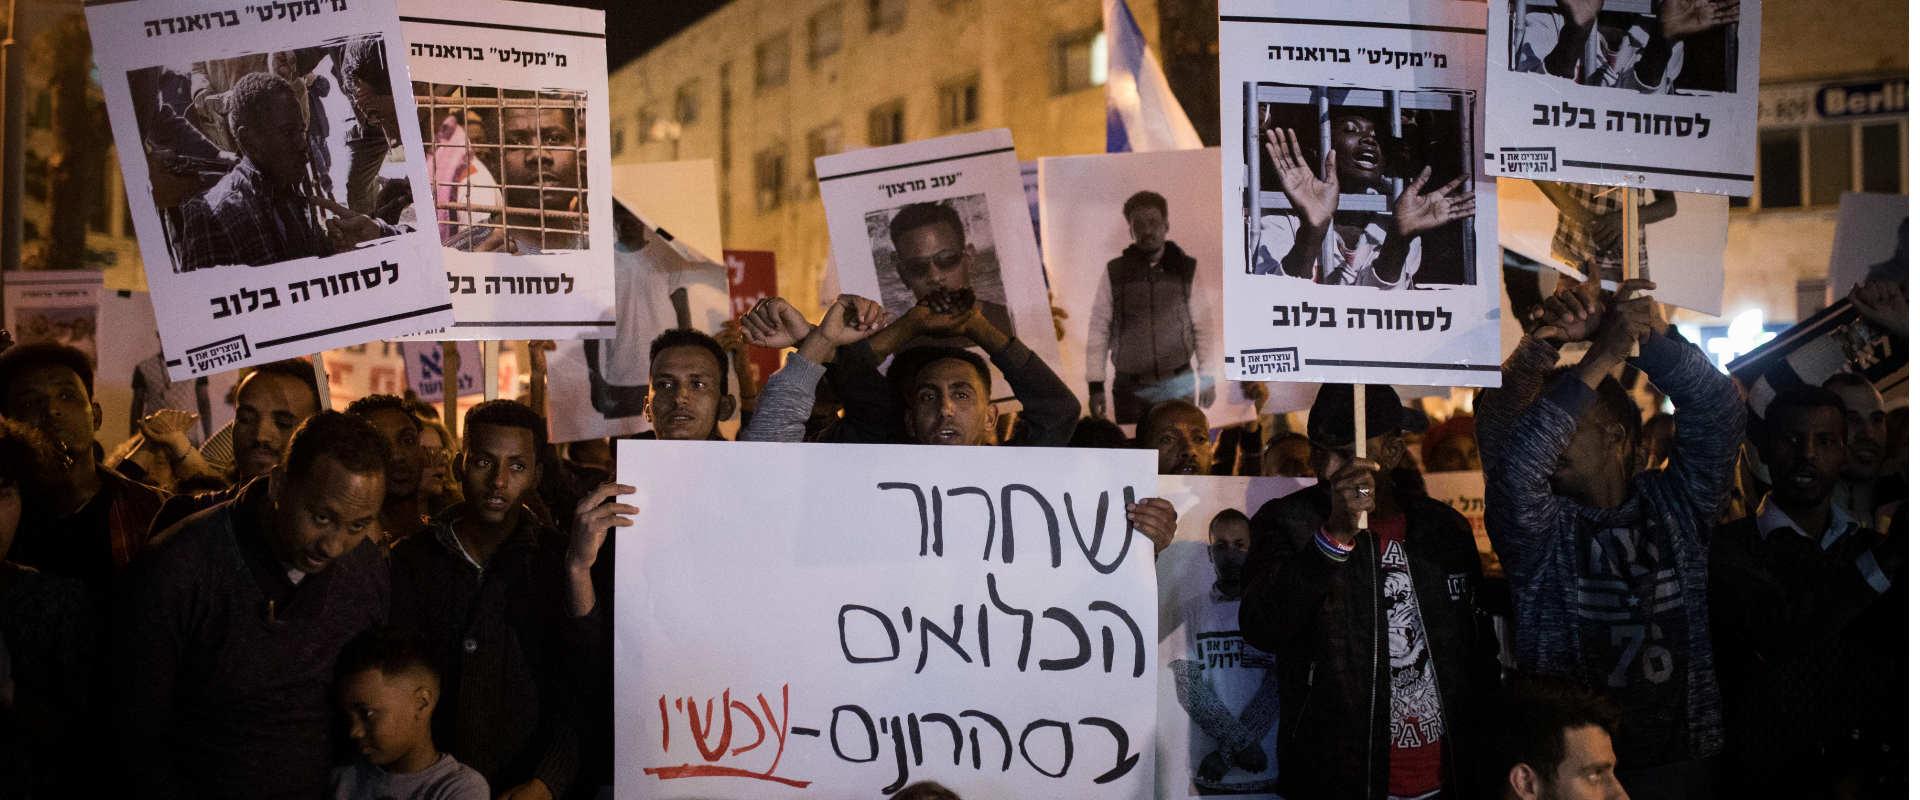 הפגנה לשחרור הכלואים במתקן סהרונים